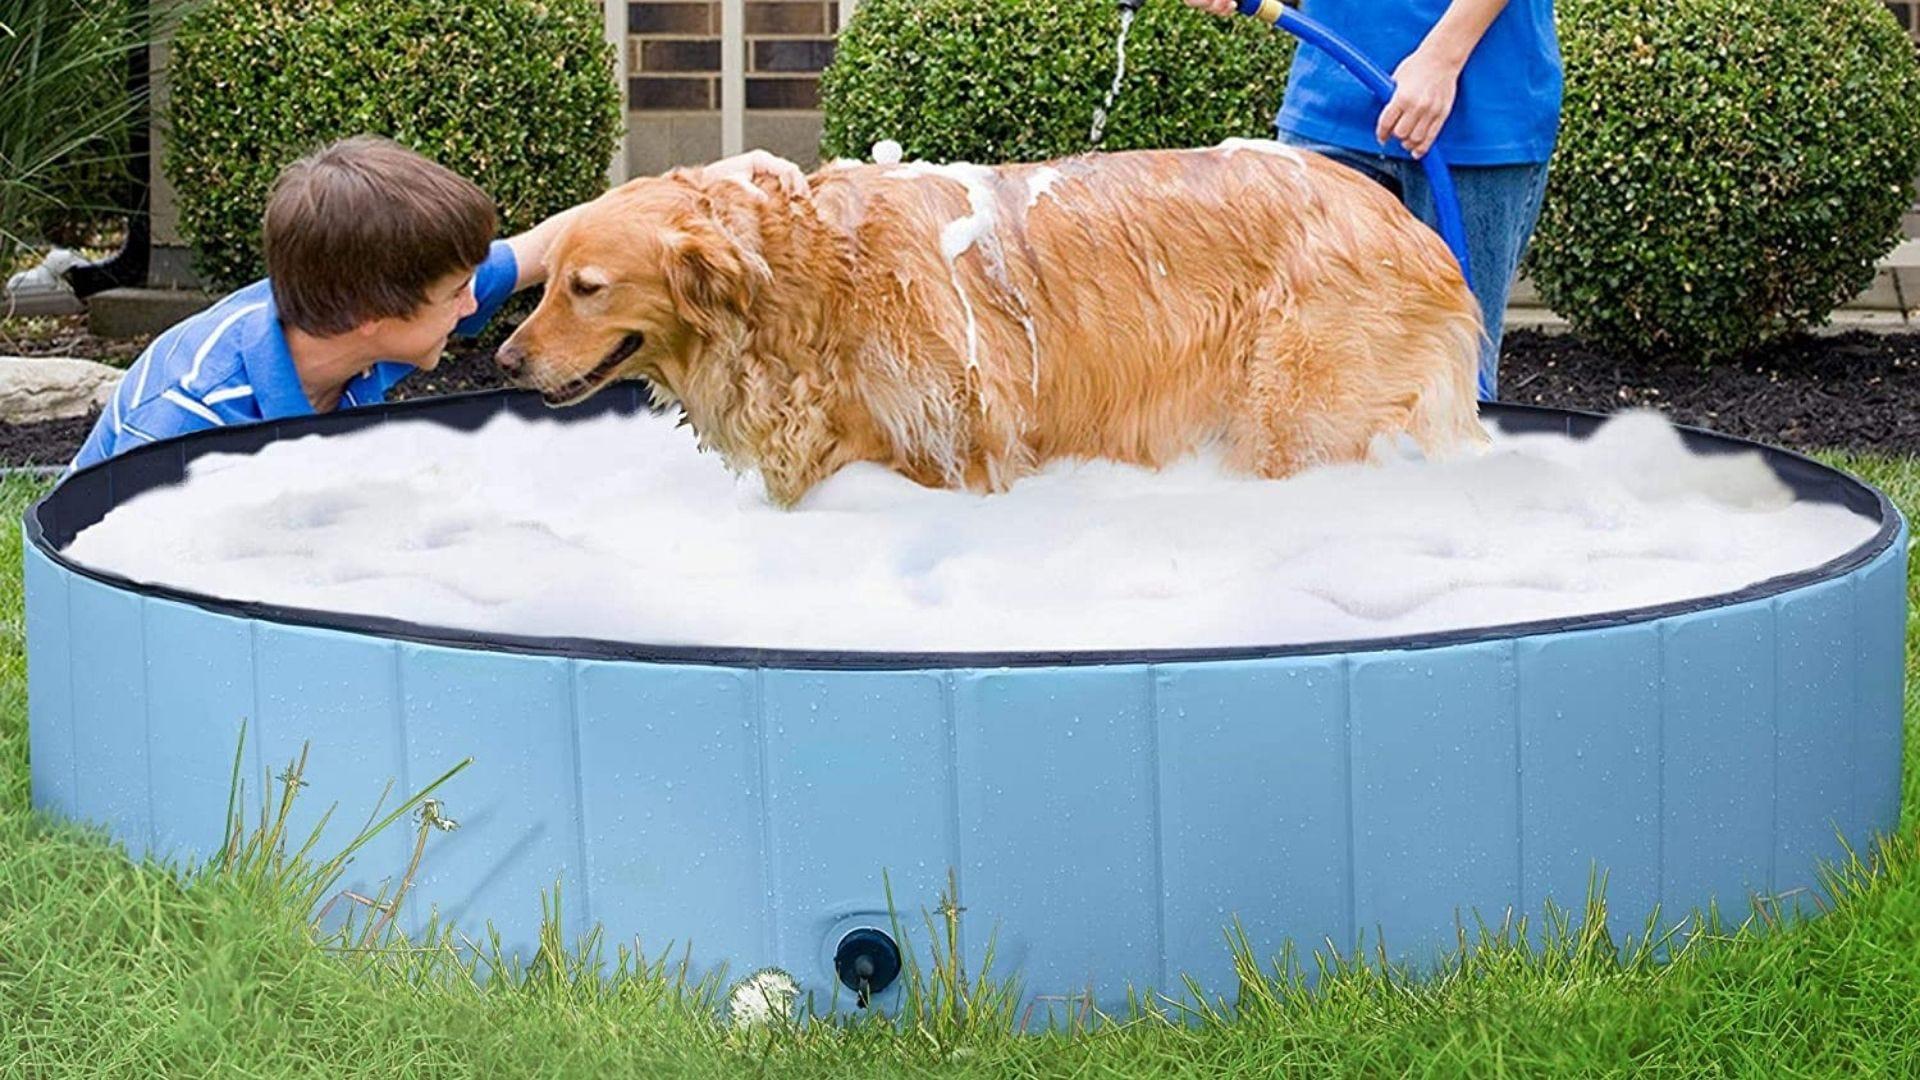 Un niño juega con un perro en una piscina para perros.